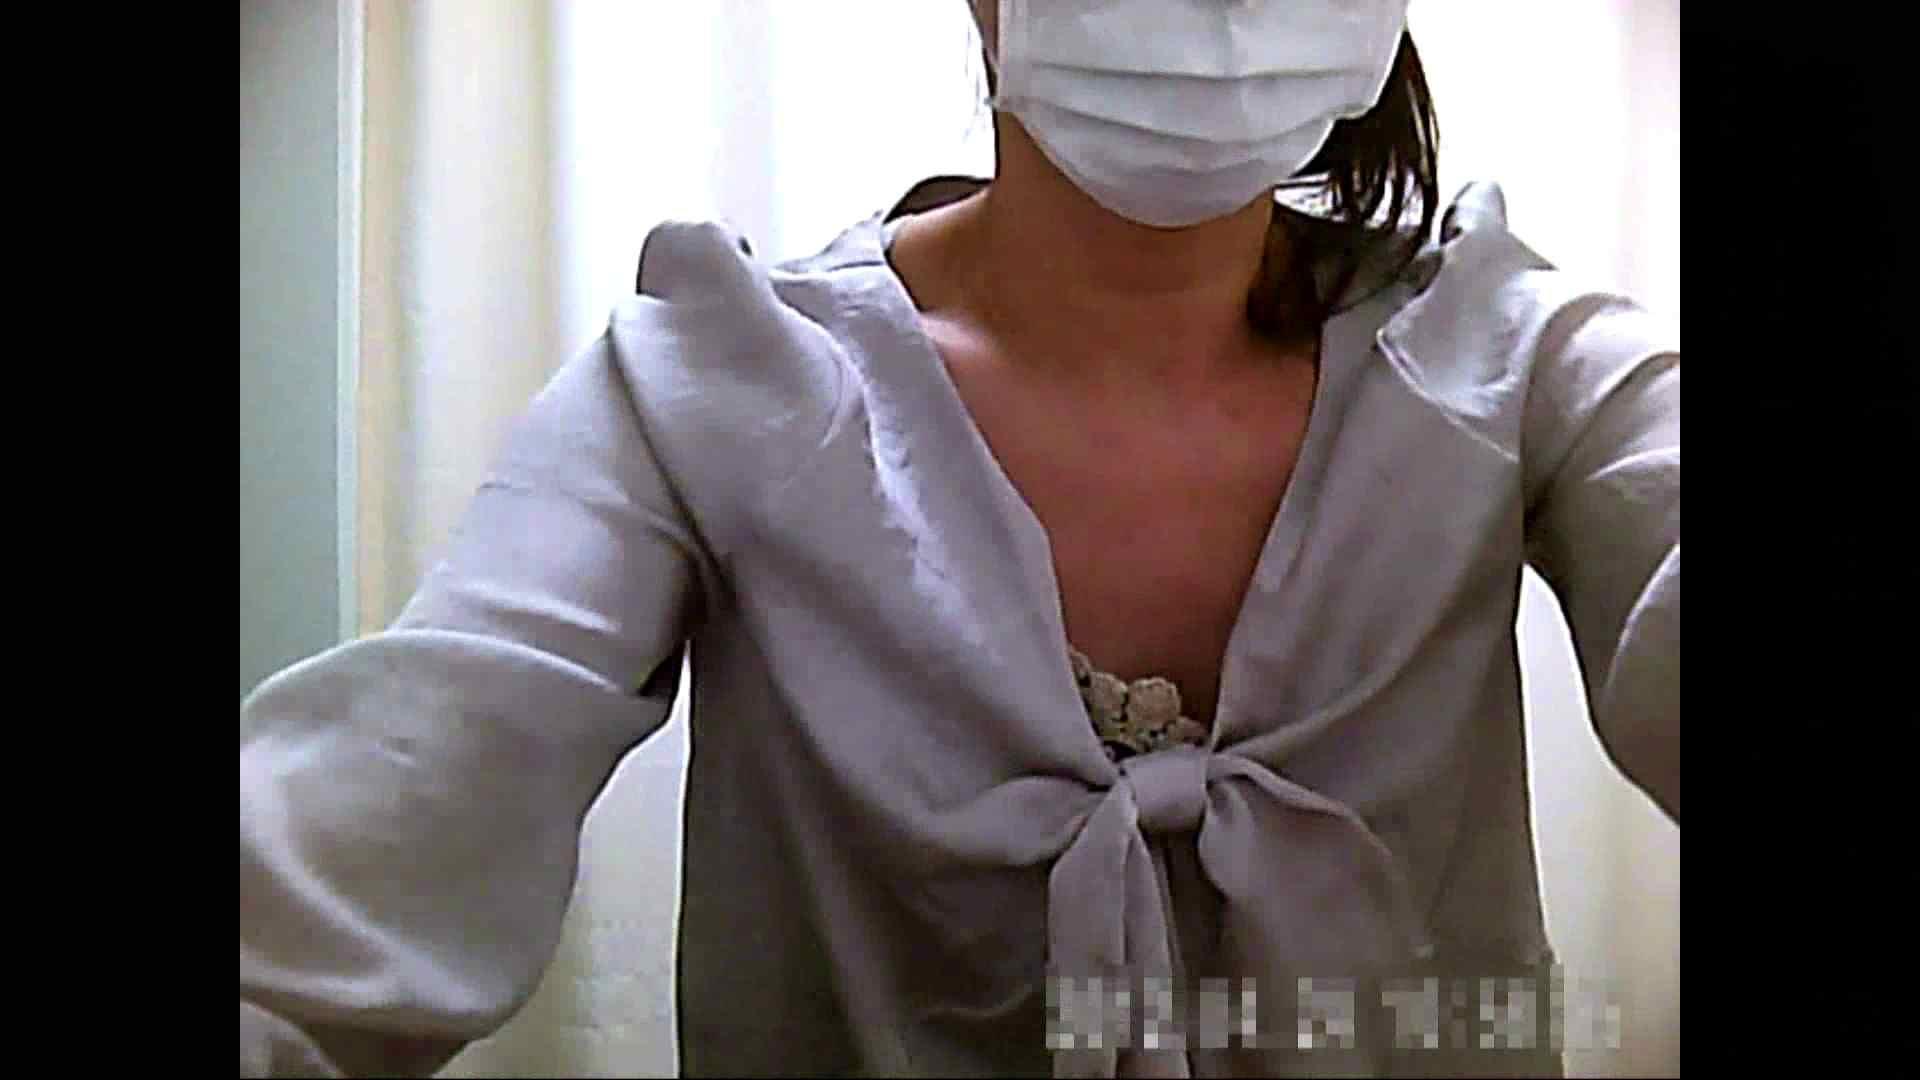 元医者による反抗 更衣室地獄絵巻 vol.010 ギャル  97PIX 36